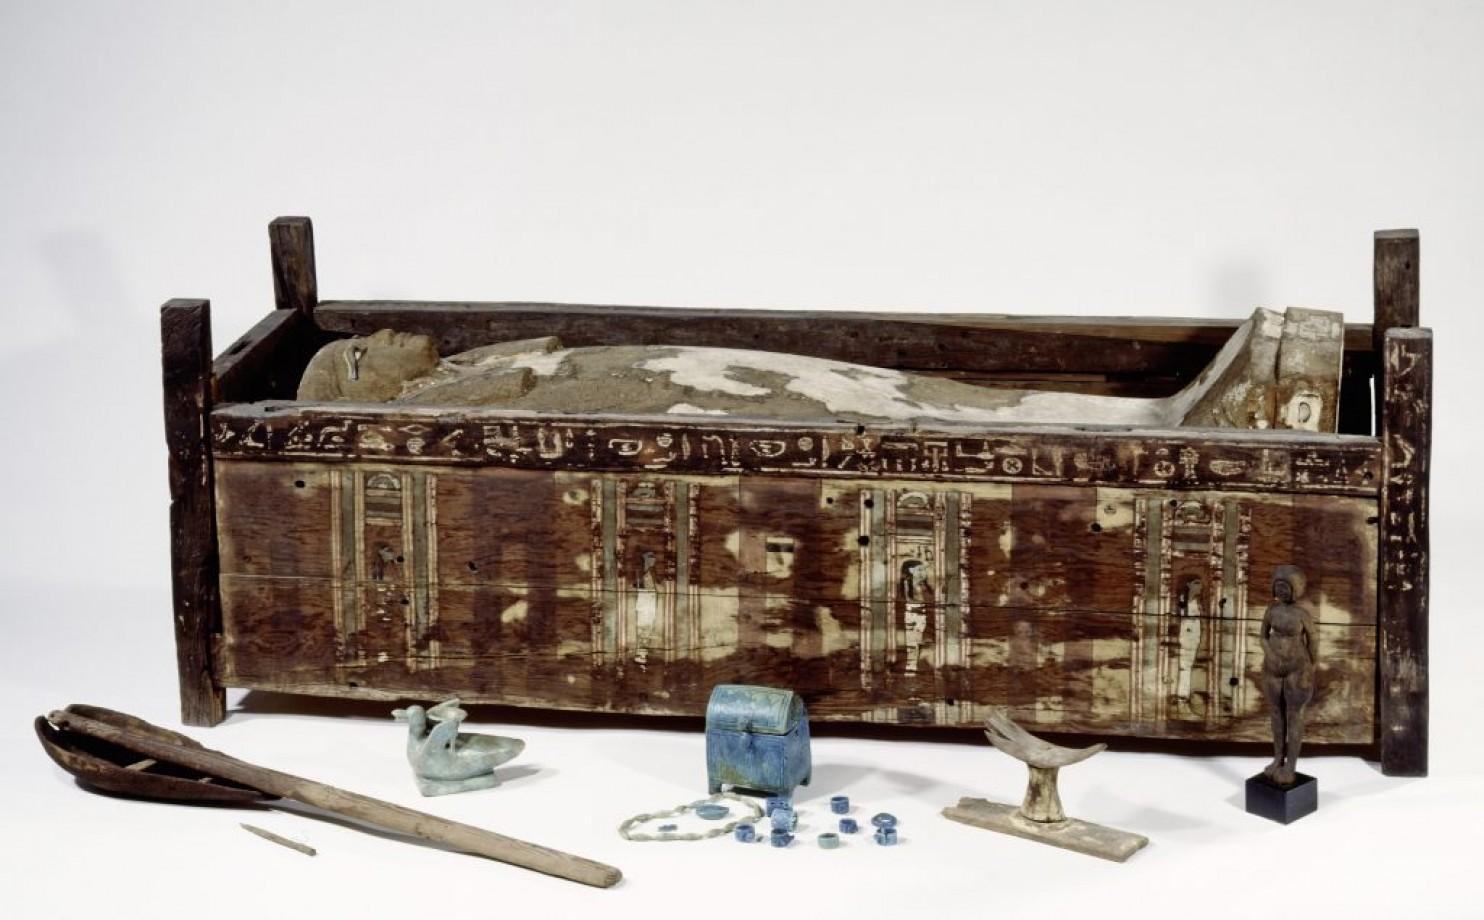 (Foto: Sandra Steiss/SMB, BPK/Aegyptisches Museum und Papyrussammlung)